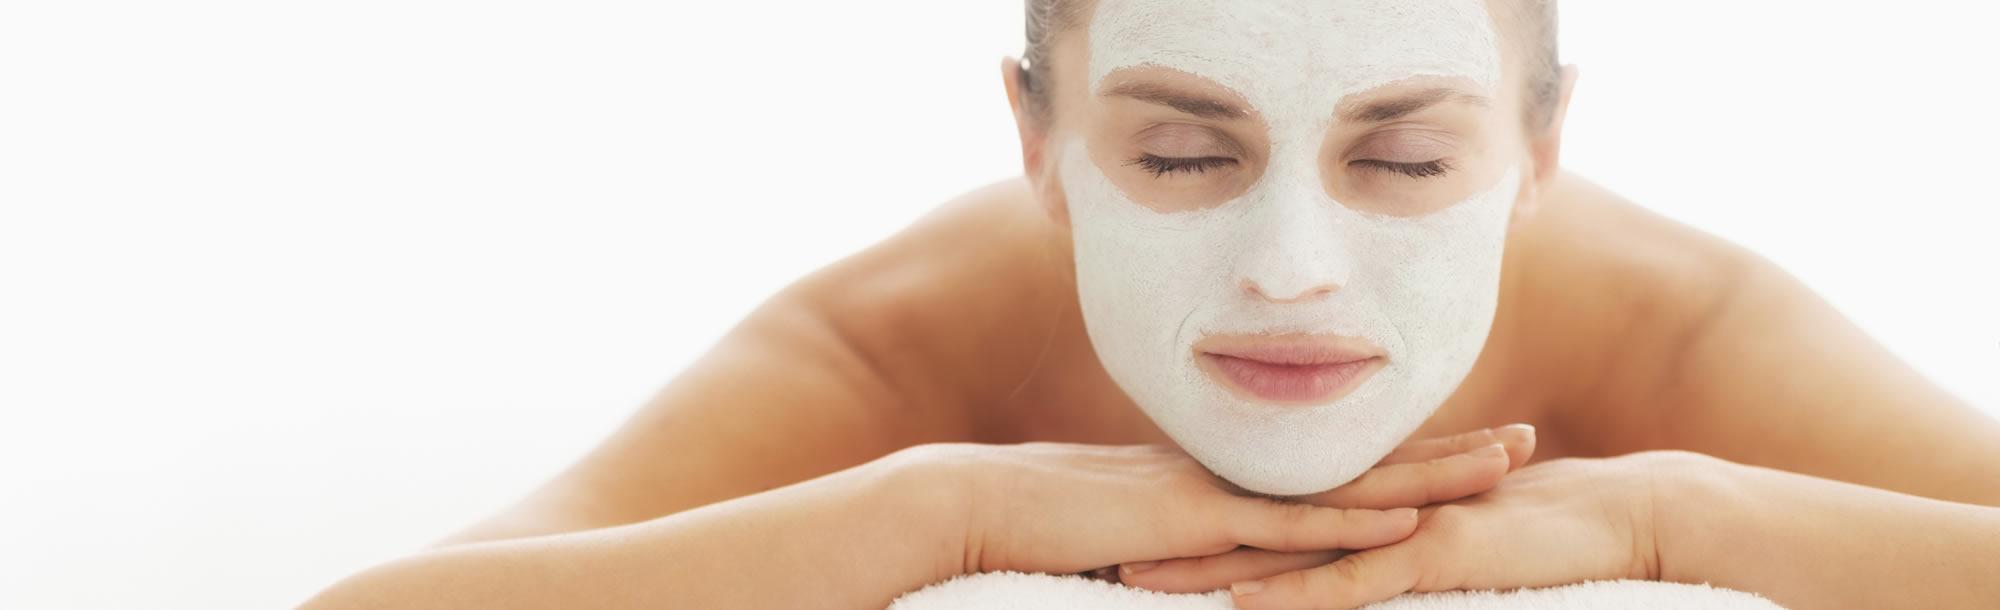 Chemical Peel skin treatment gold coast